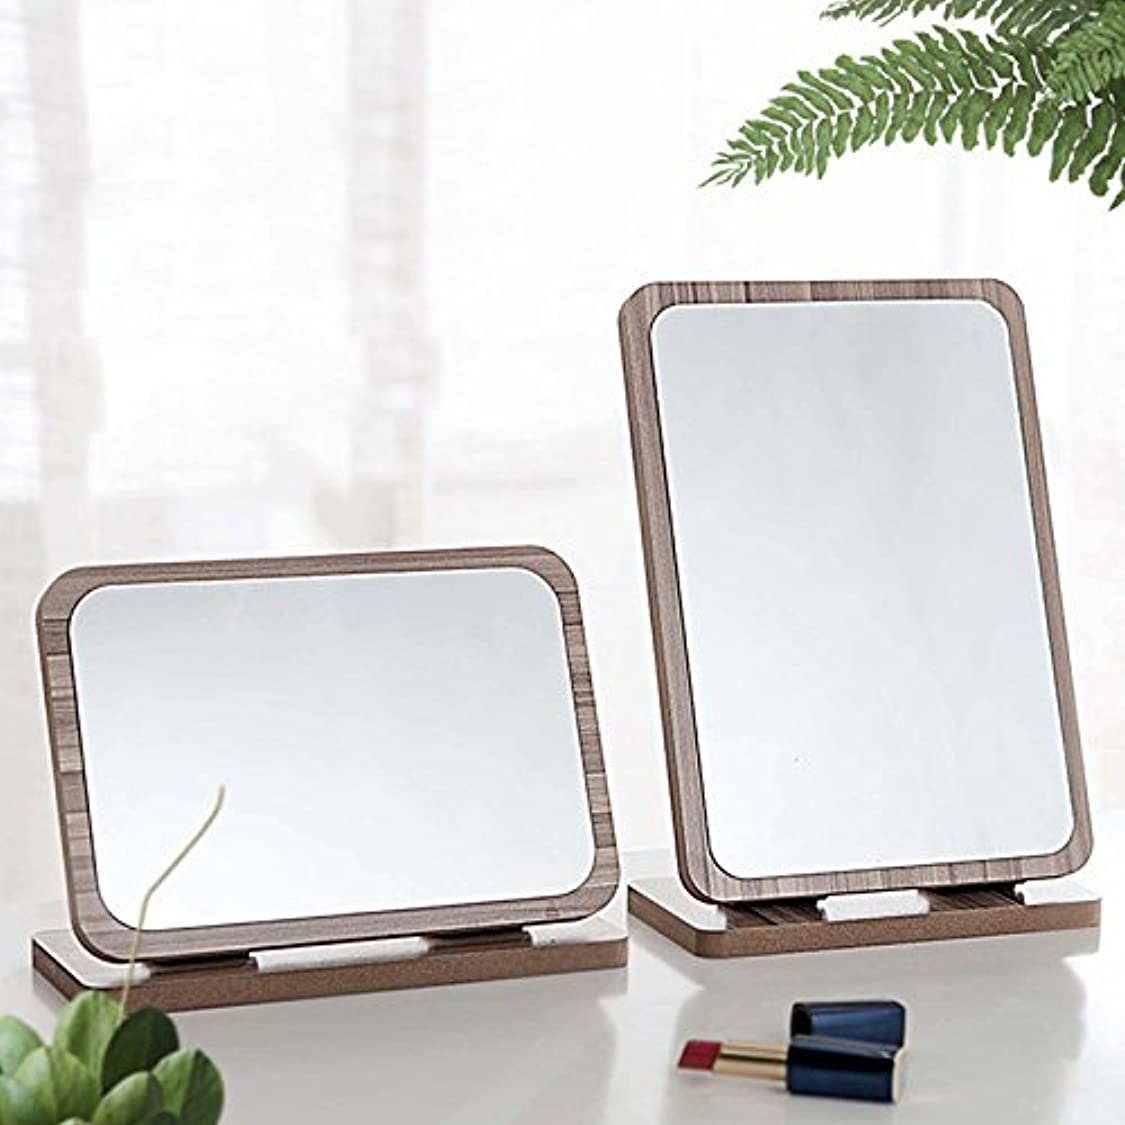 採用ガード素晴らしきYZUEYT デスクトップ木製の化粧鏡3倍拡大180度回転ポータブルバニティバスルームメイクツール YZUEYT (Color : NO. 10#)